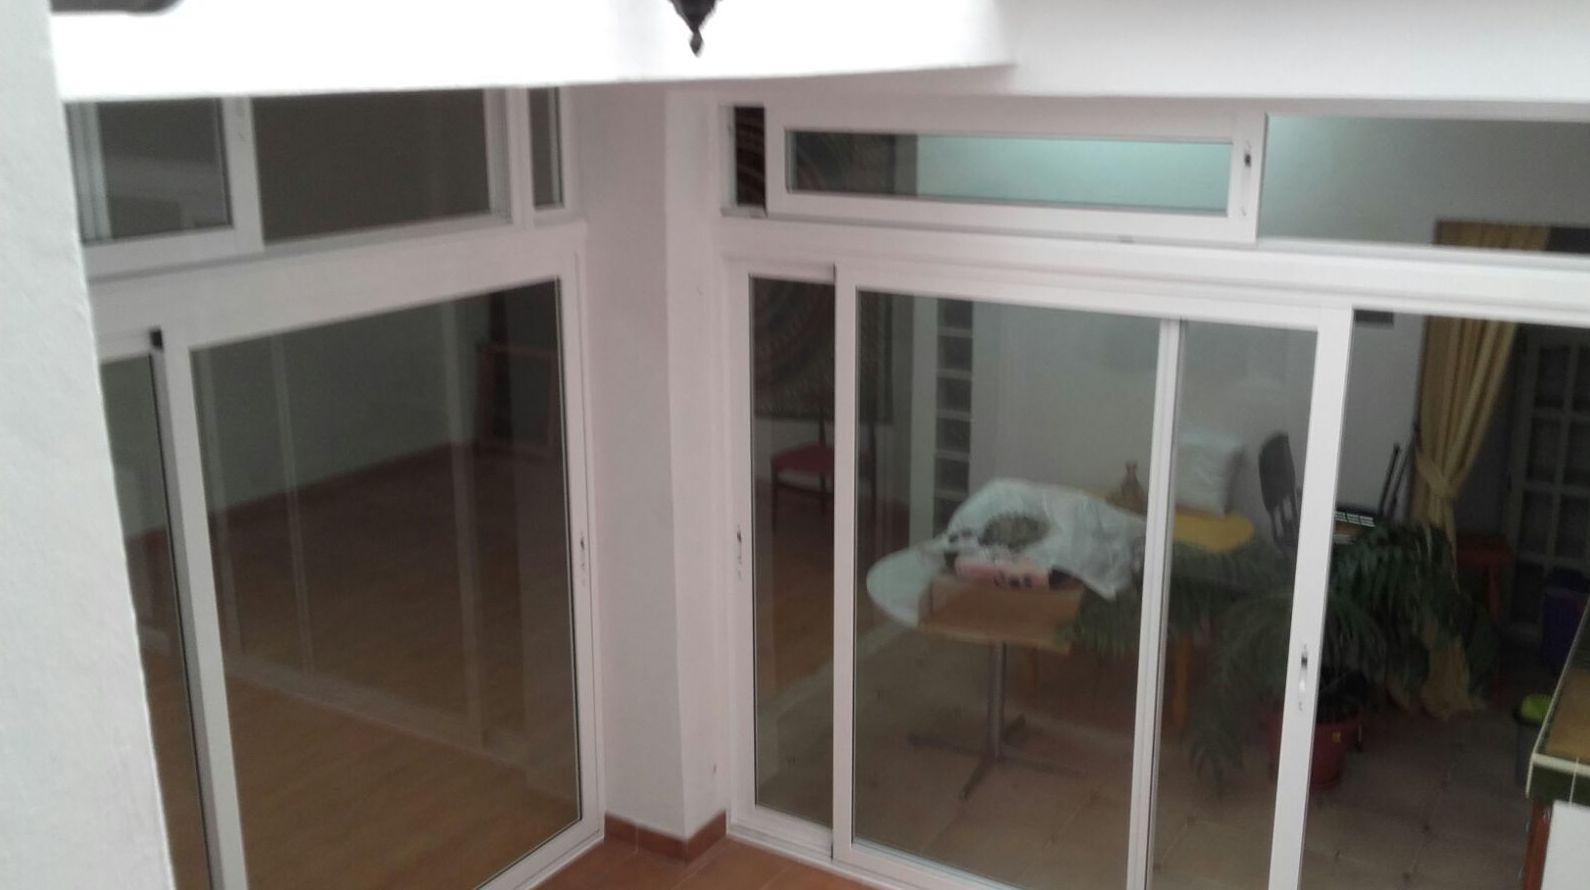 Puerta de corredera con ventanas de corredera en la parte alta